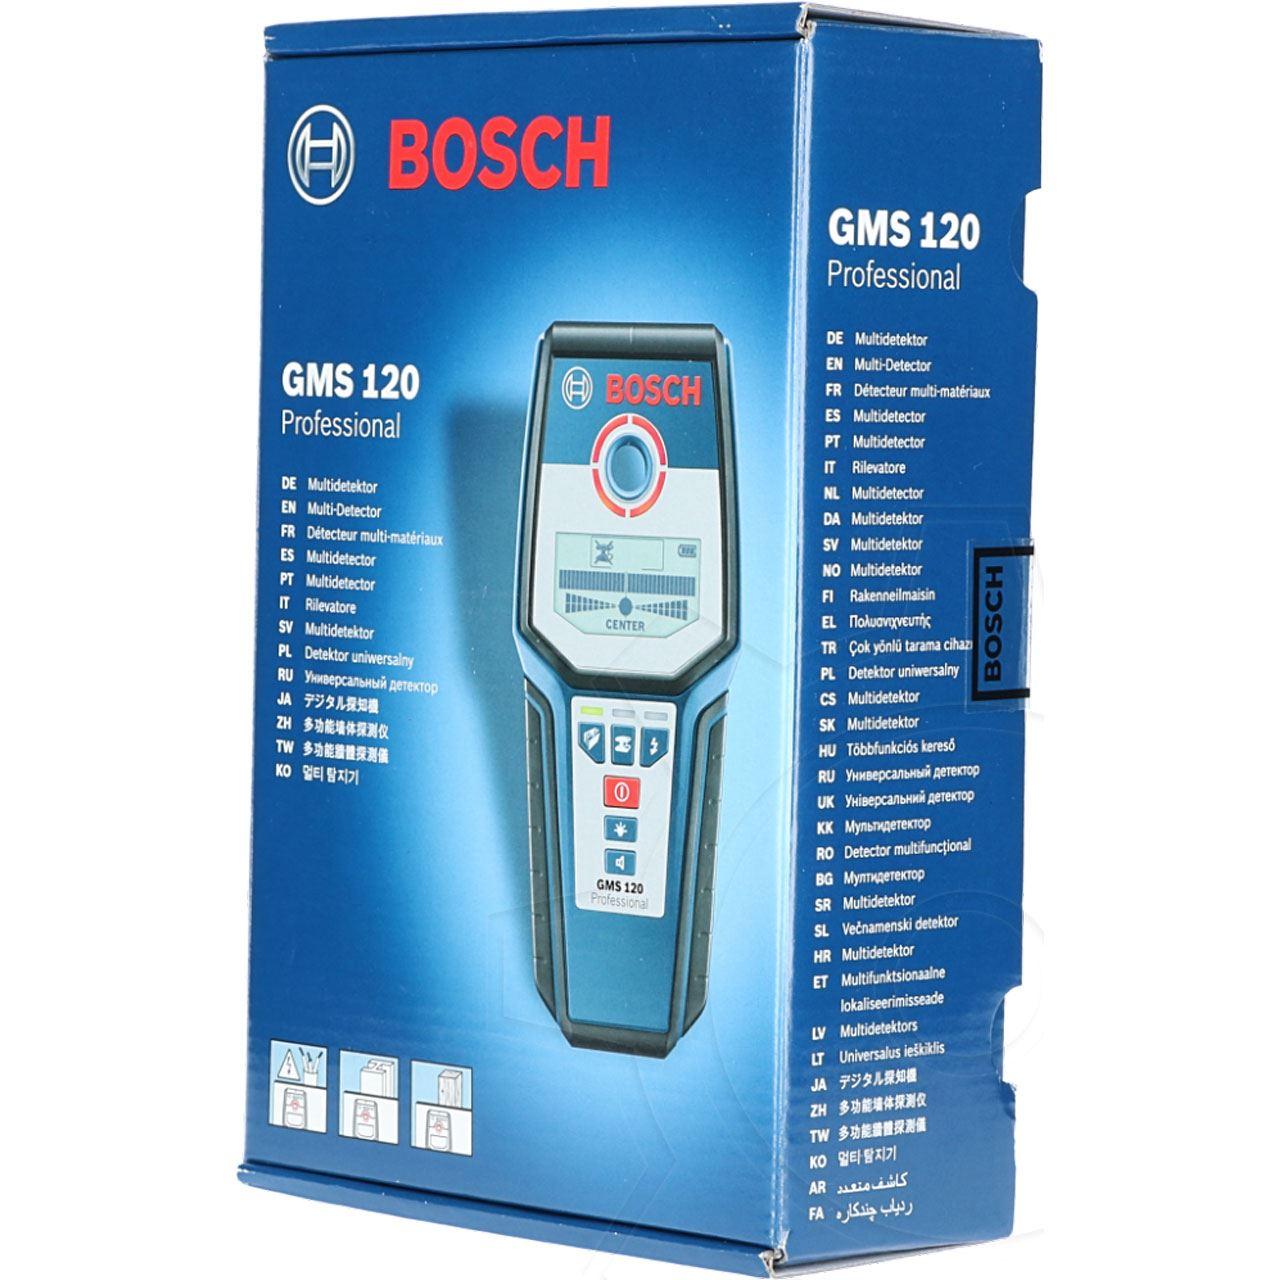 bosch multidetektor gms 120 - lupen | mindfactory.de - hardware